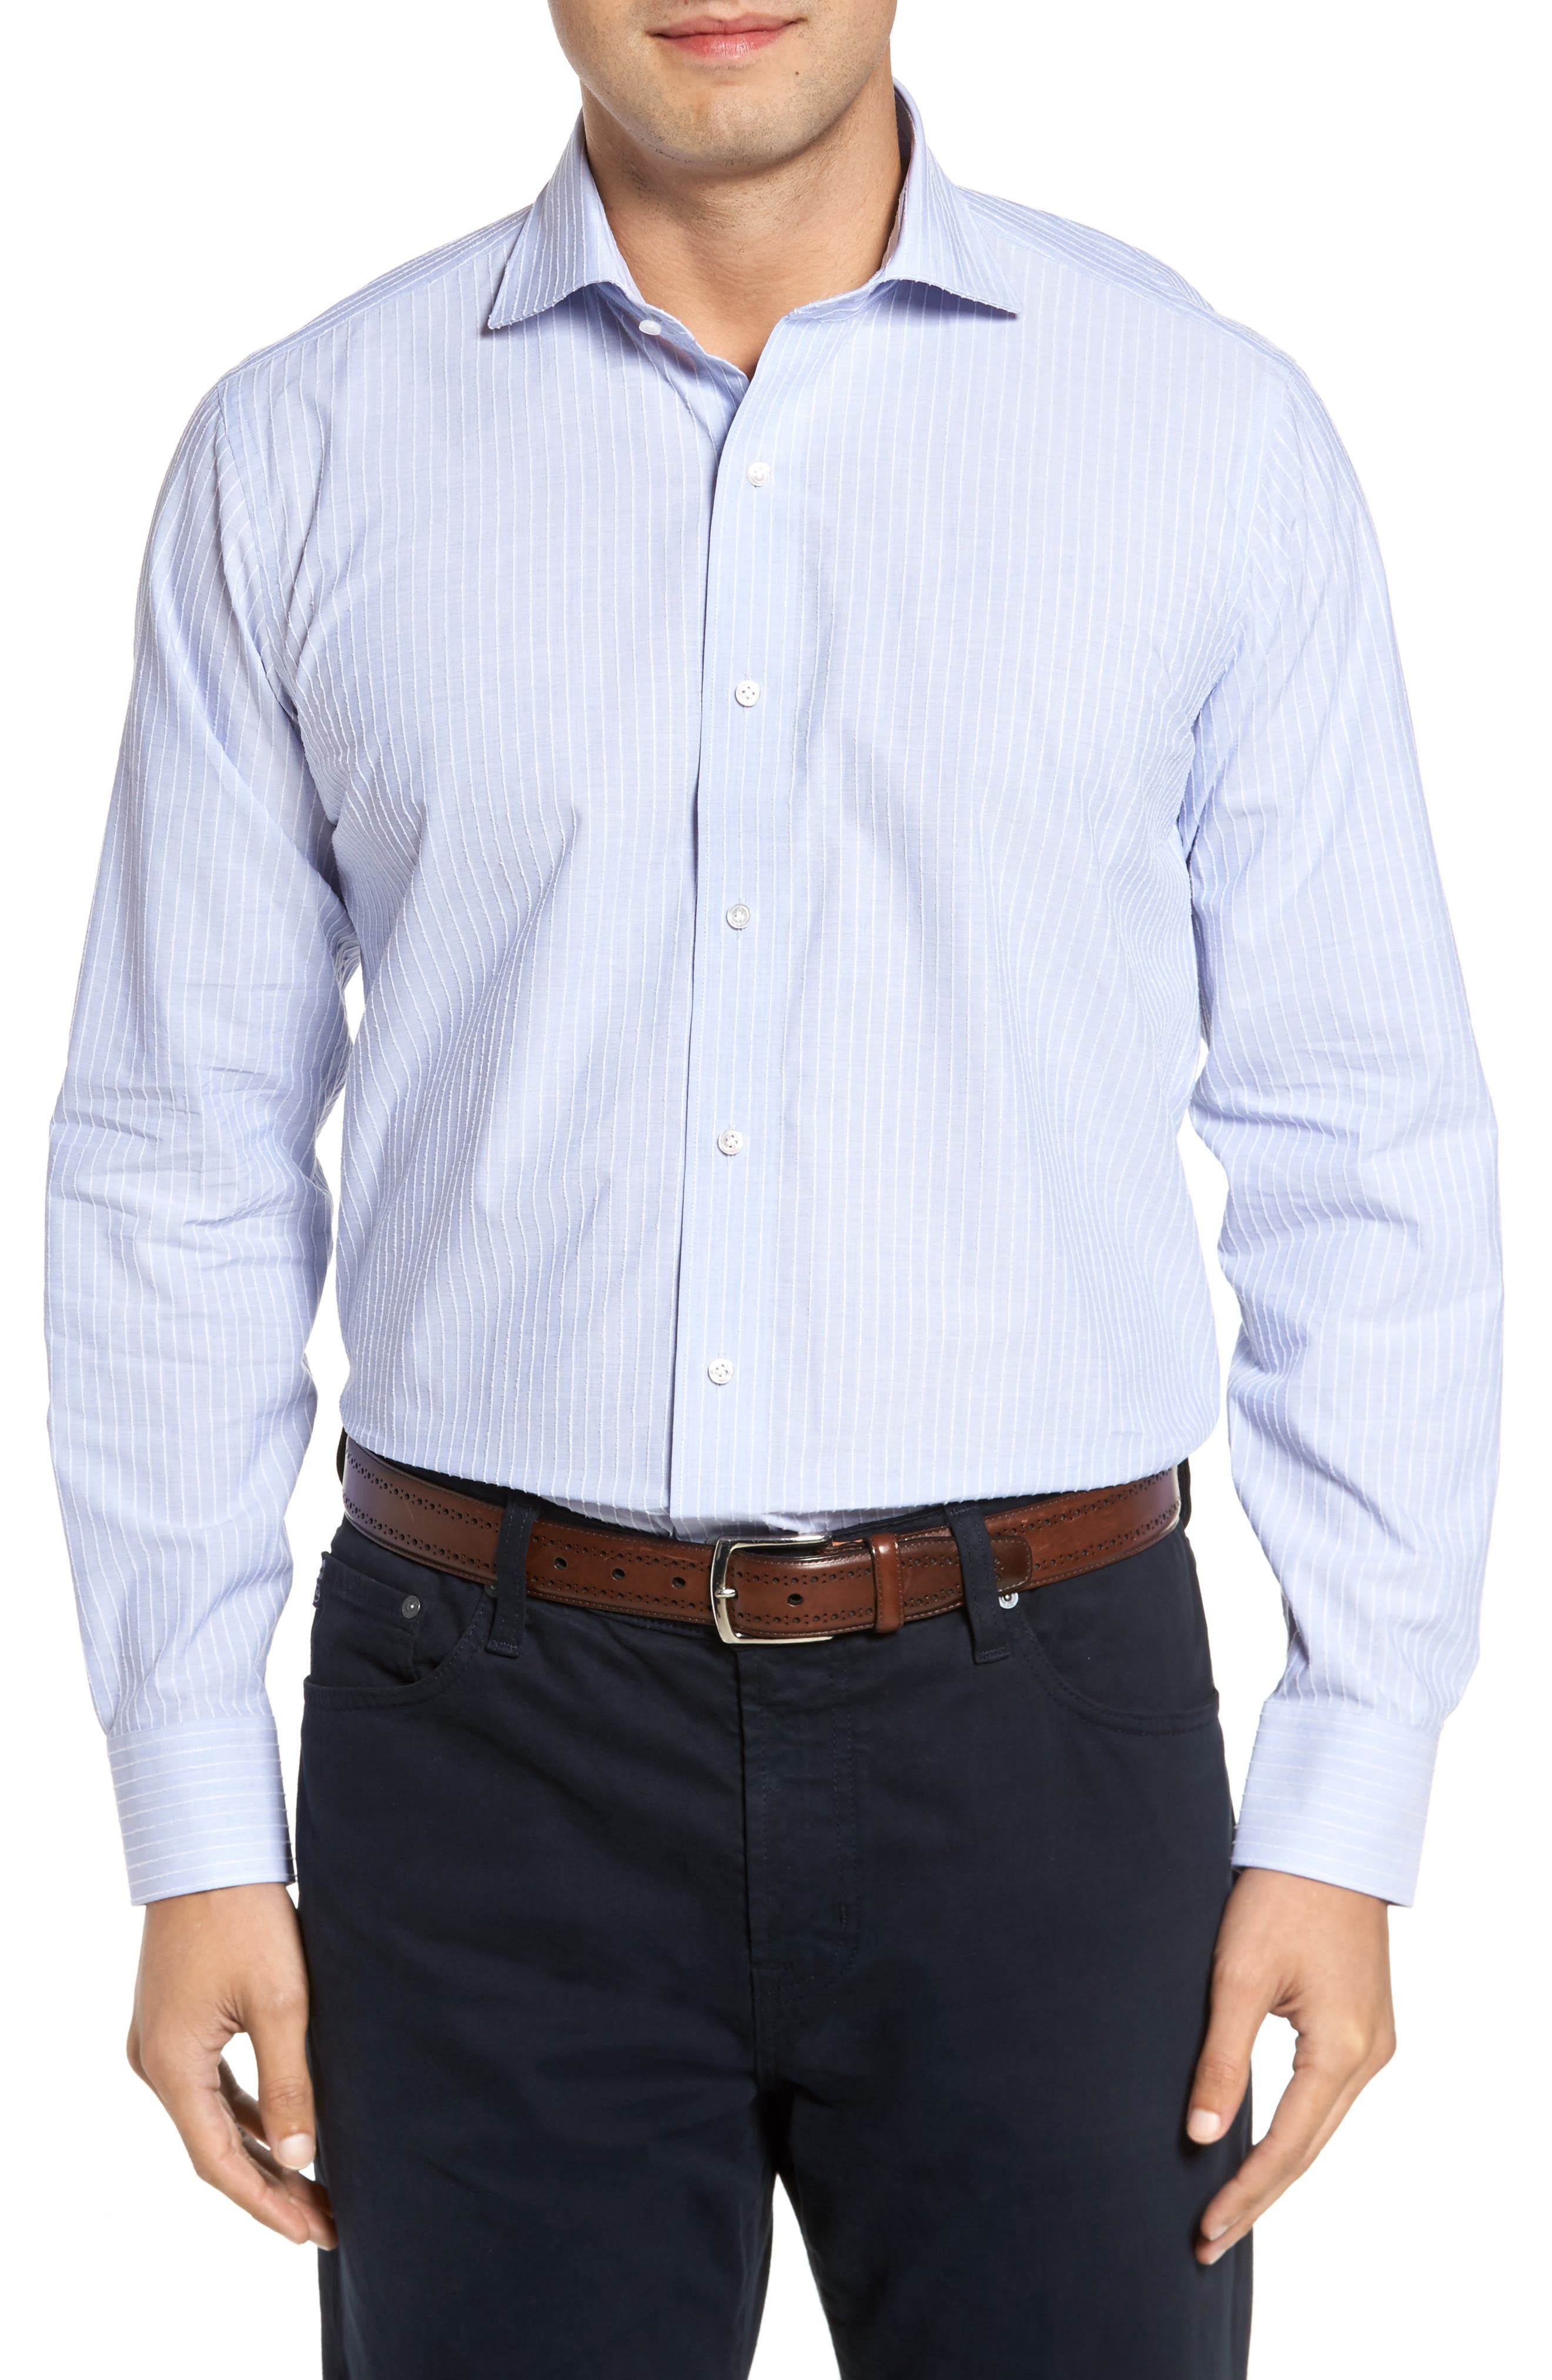 Cejar Stripe Sport Shirt,                         Main,                         color, Blue Ceillo